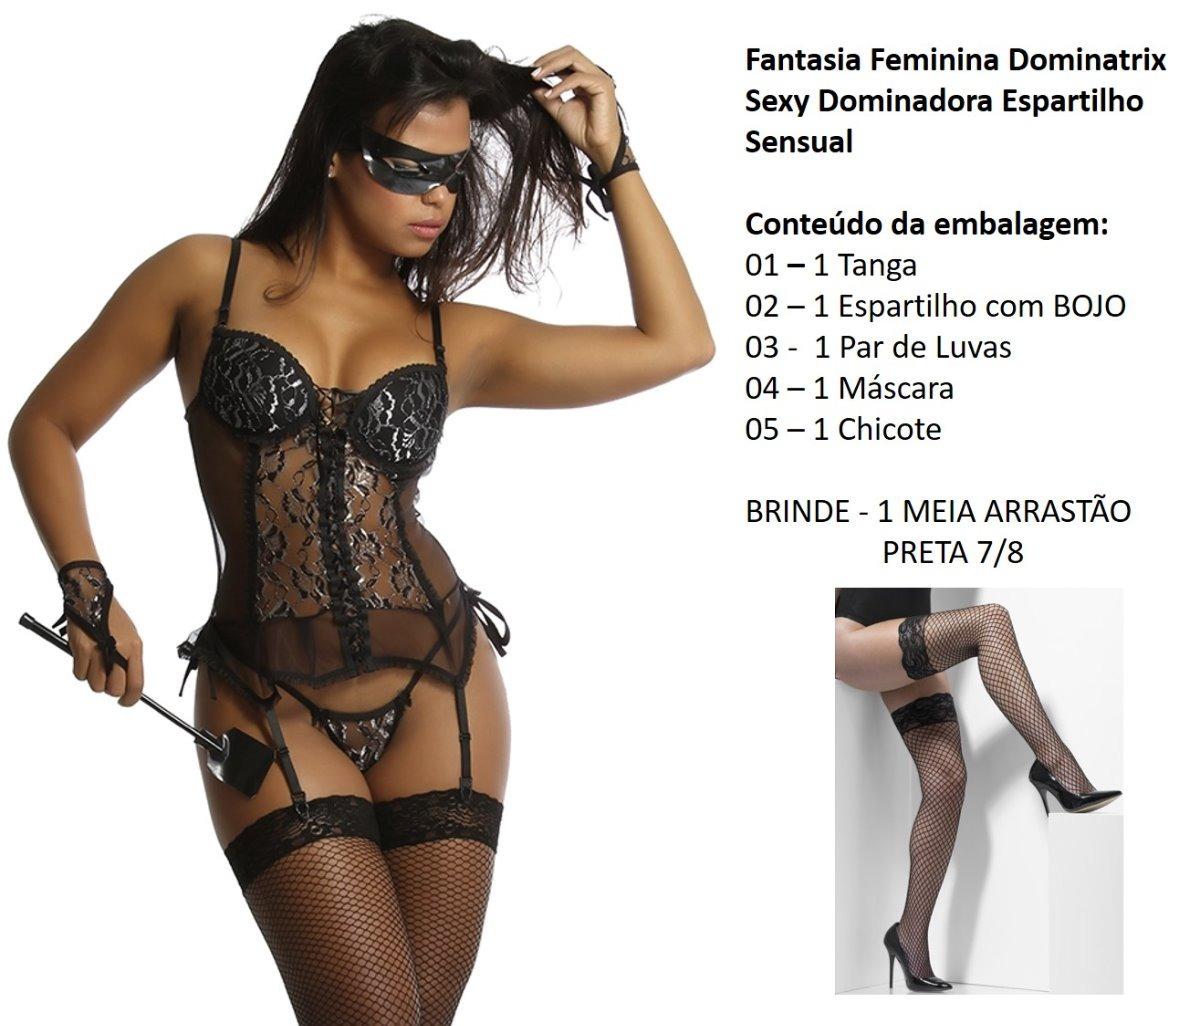 400b1d810 fantasia feminina dominadora sex espartilho sensual carnaval. Carregando  zoom.